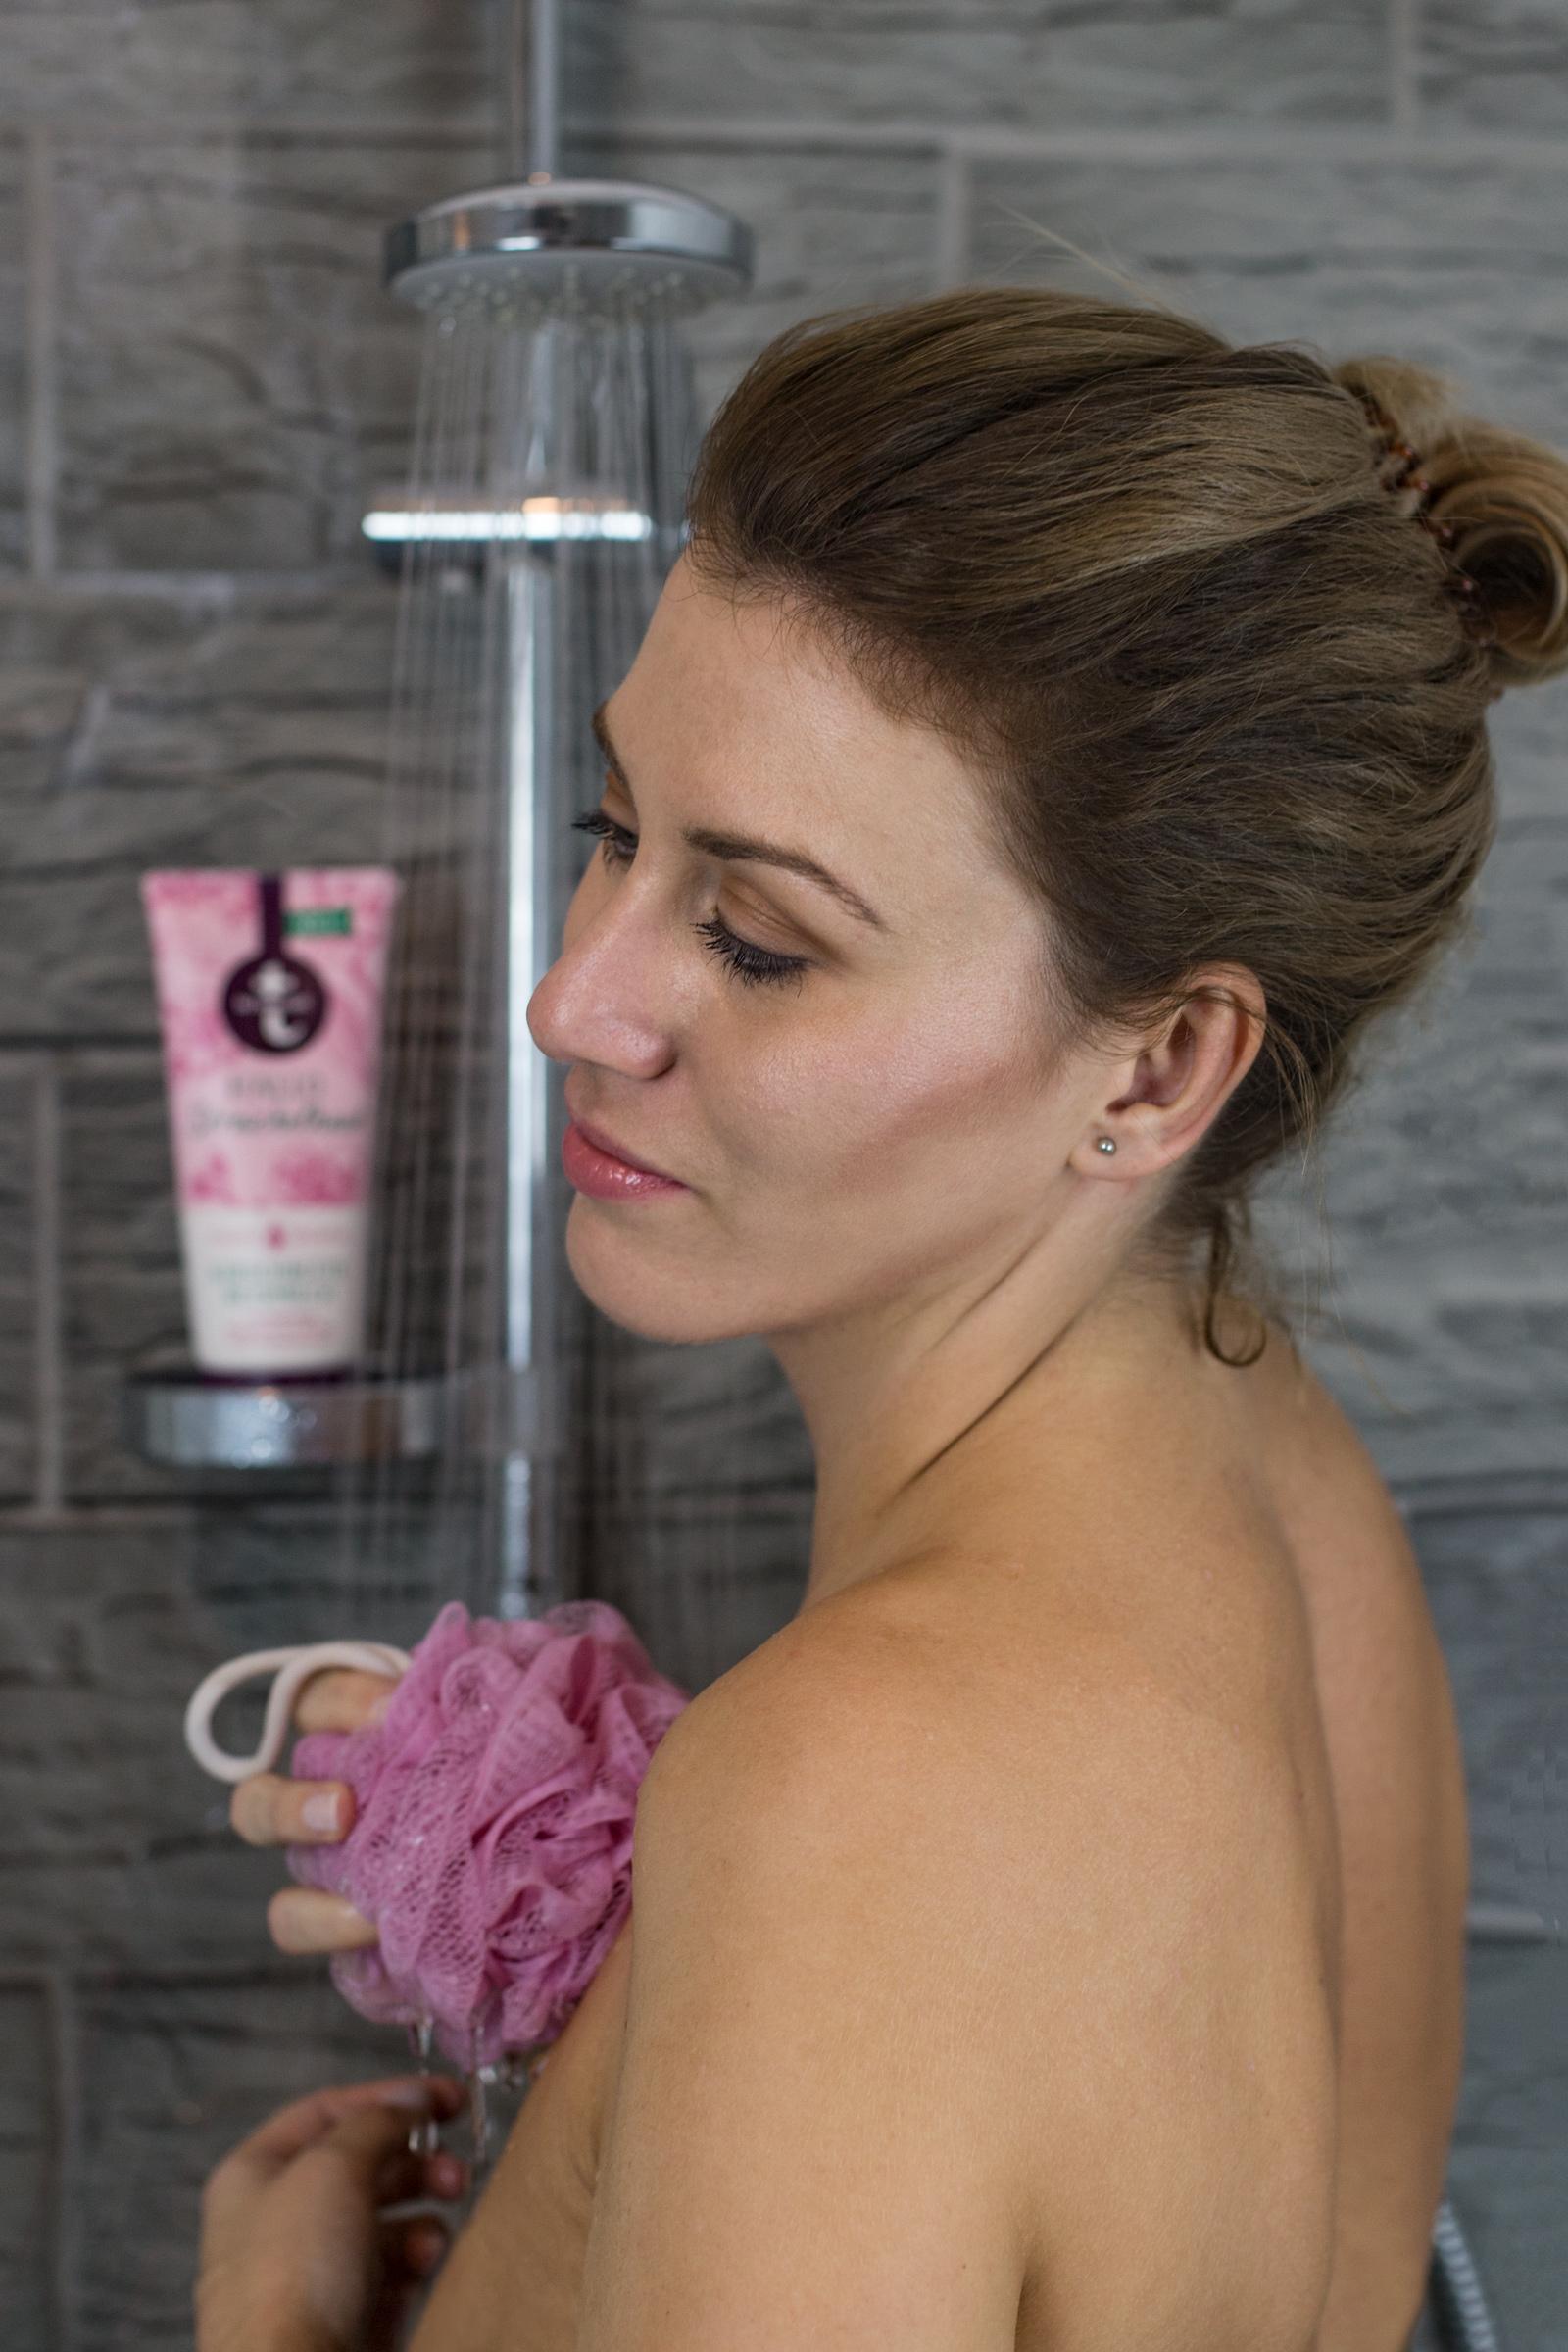 Nadja_Nemetz_beauty_duschen_duschgel_tetesept_showergel_2